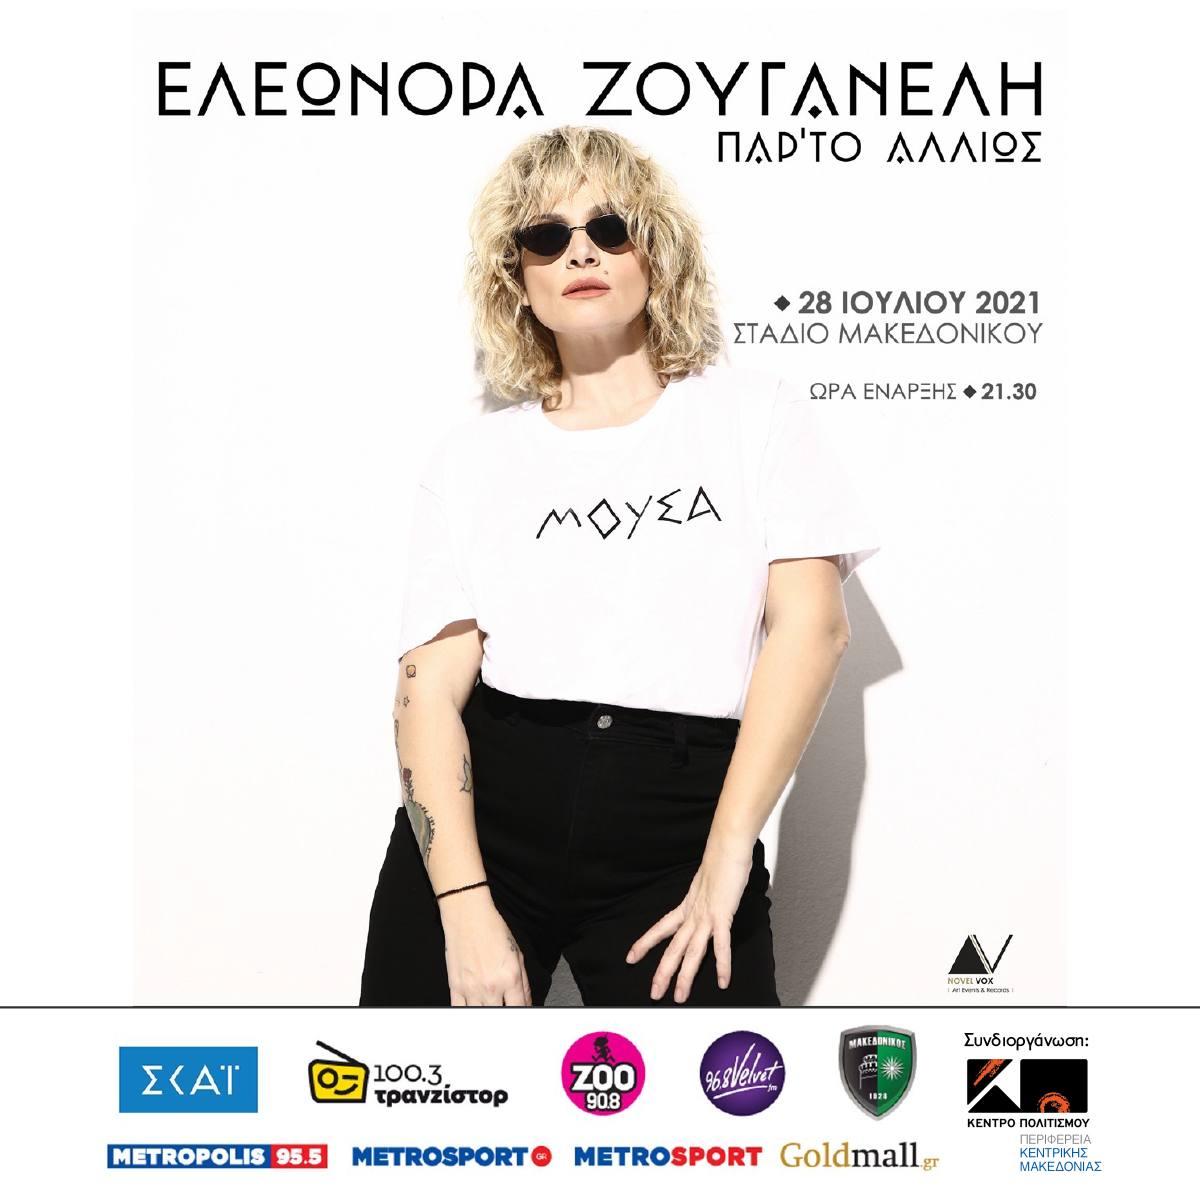 -Ζουγανέλη_zouganeli-promo-post-copy-2